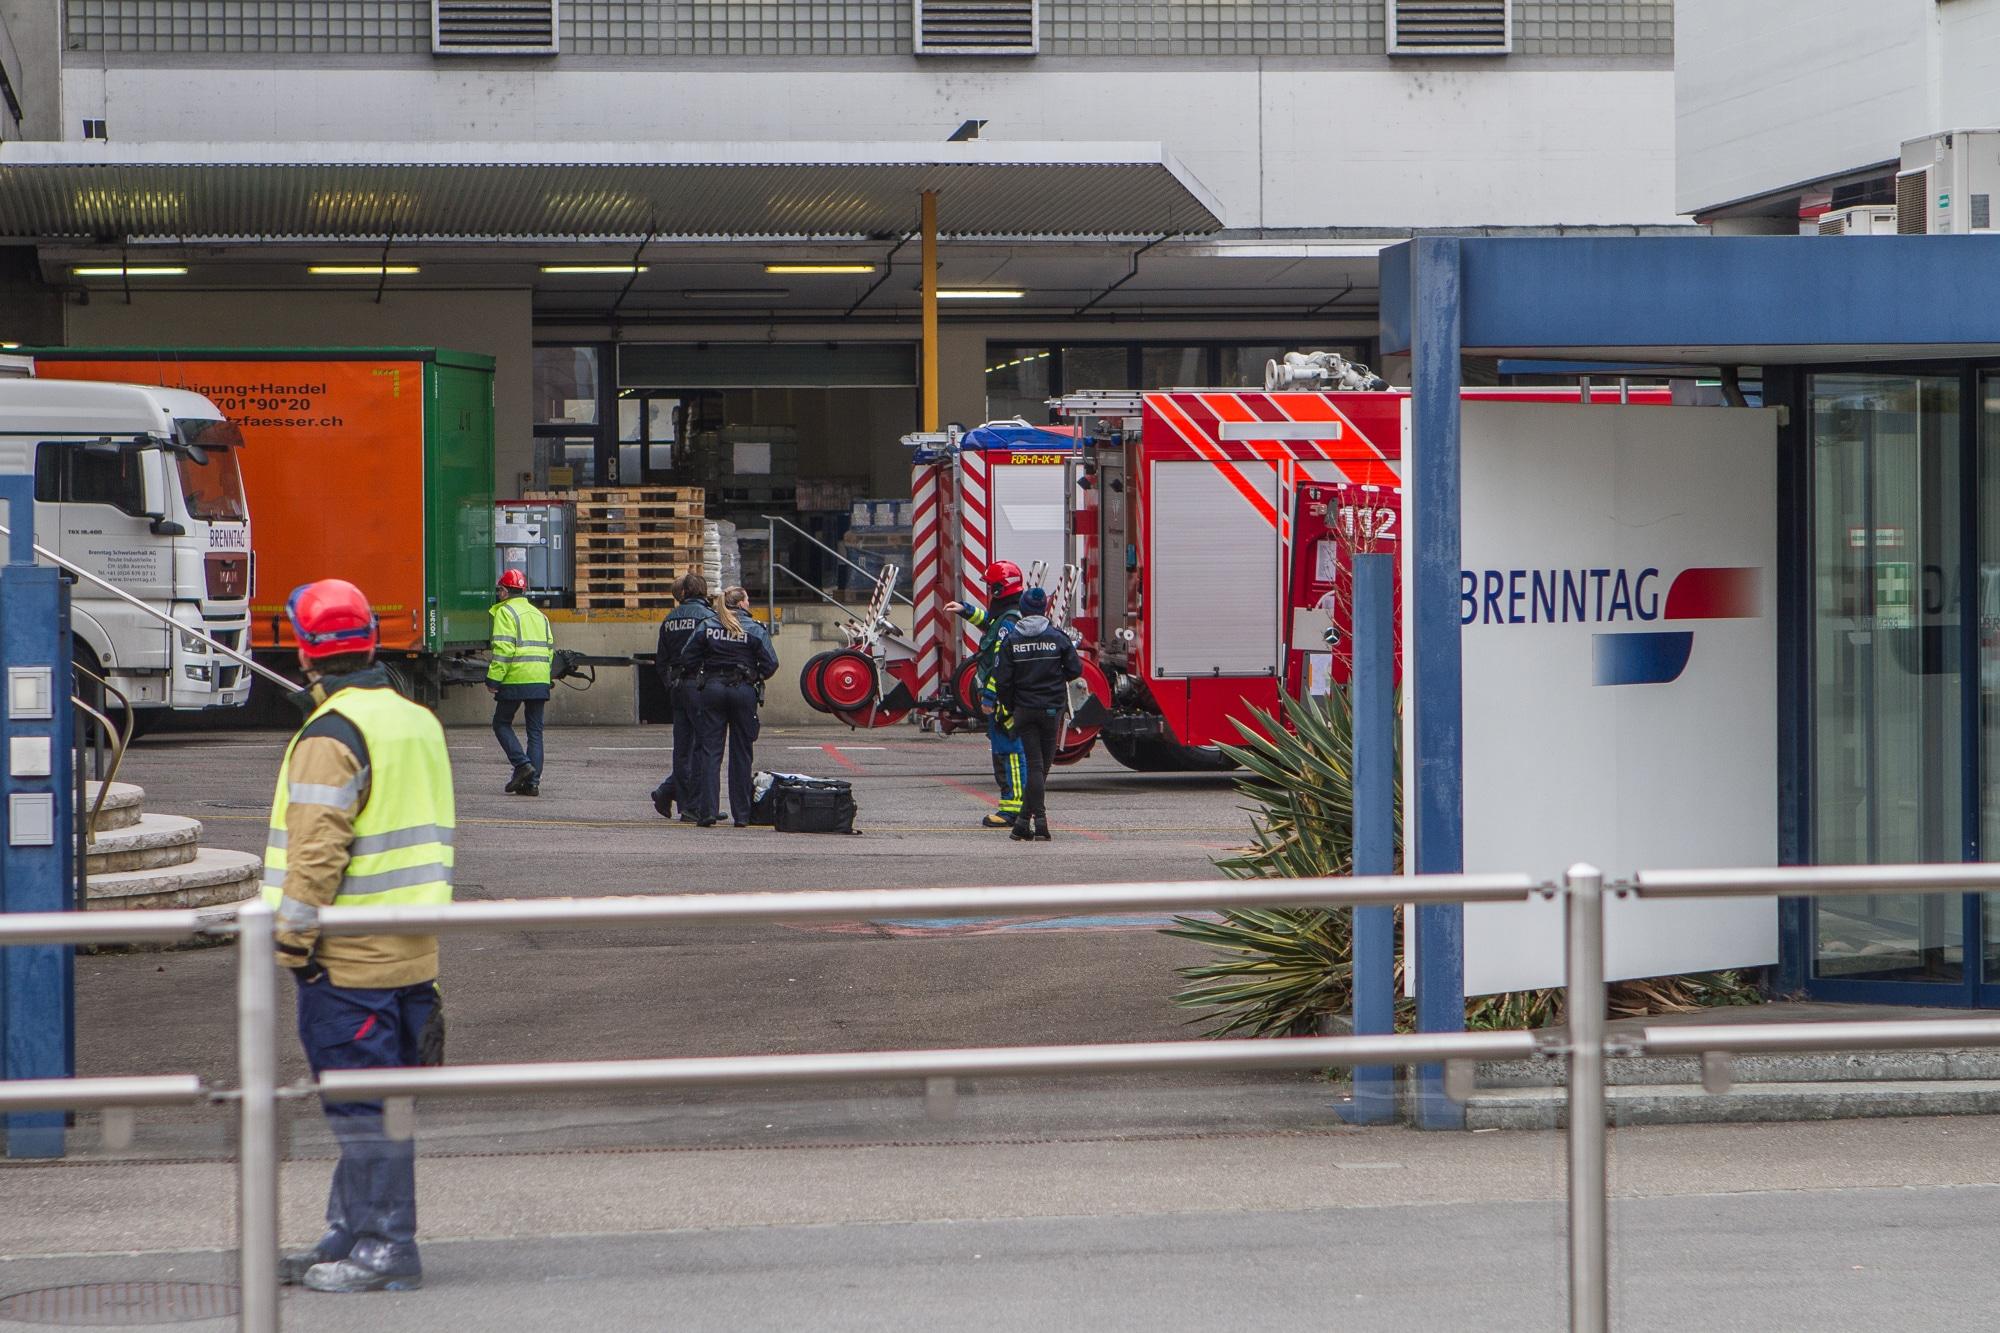 Grosser Einsatz bei kleinem Vorfall: Am Dienstagmorgen war viel Blaulicht bei der Brenntag AG.